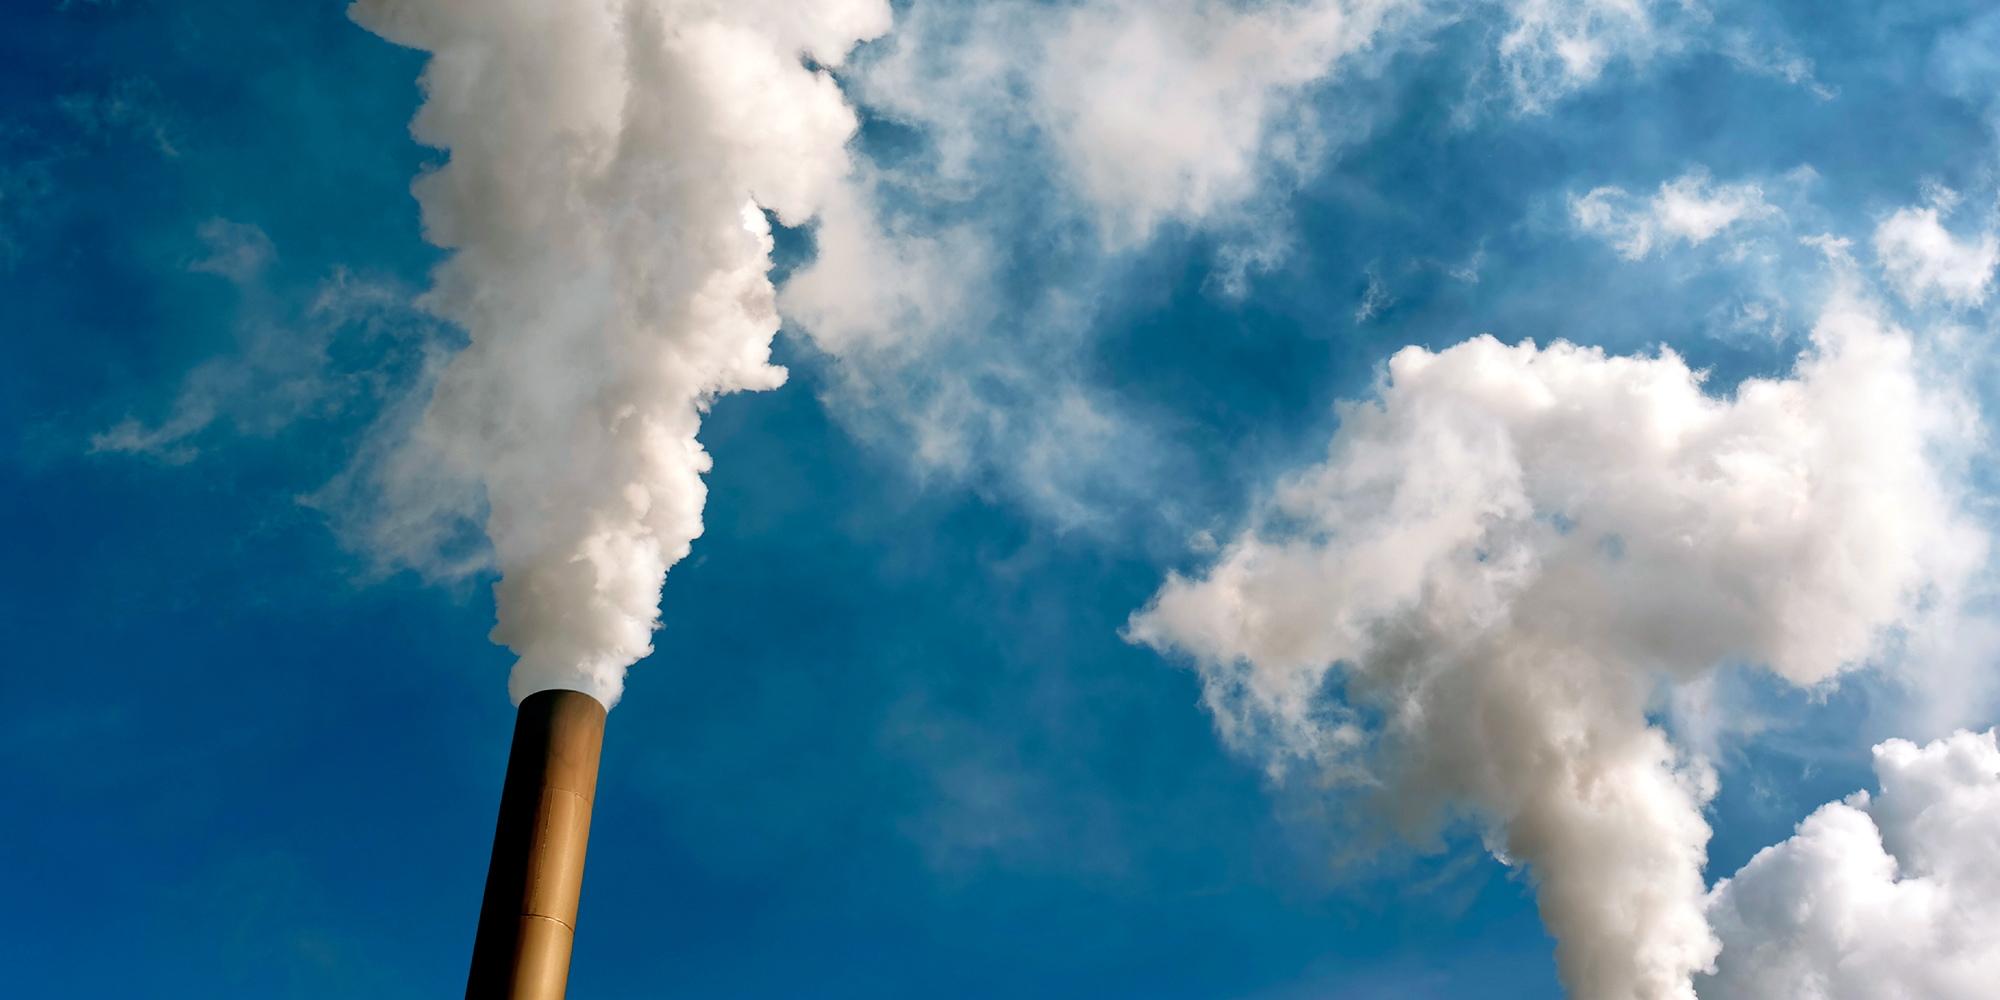 CO2 in atmosfera senza precedenti, clima in pericolo.